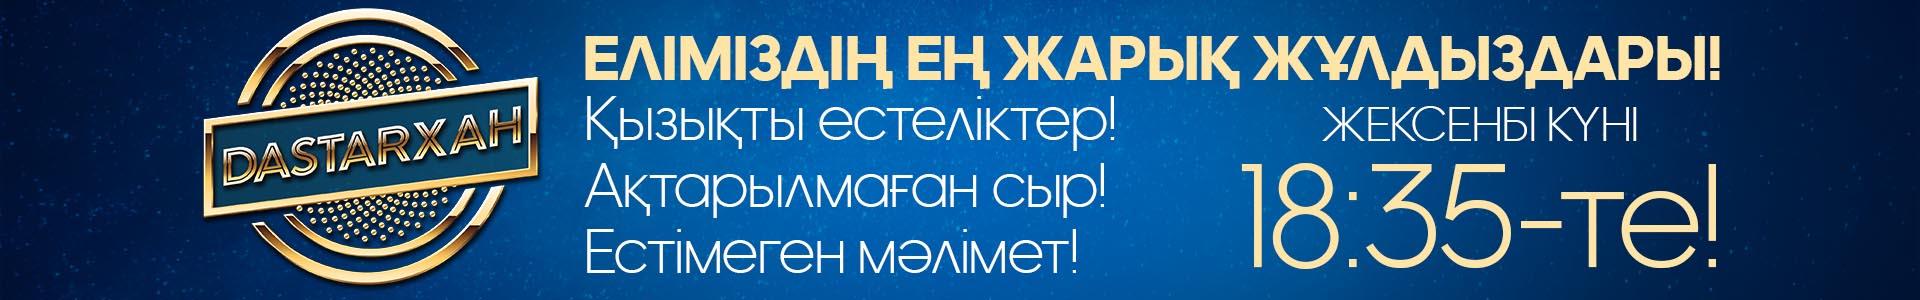 DASTARHAN_SITE_KAZ NEW